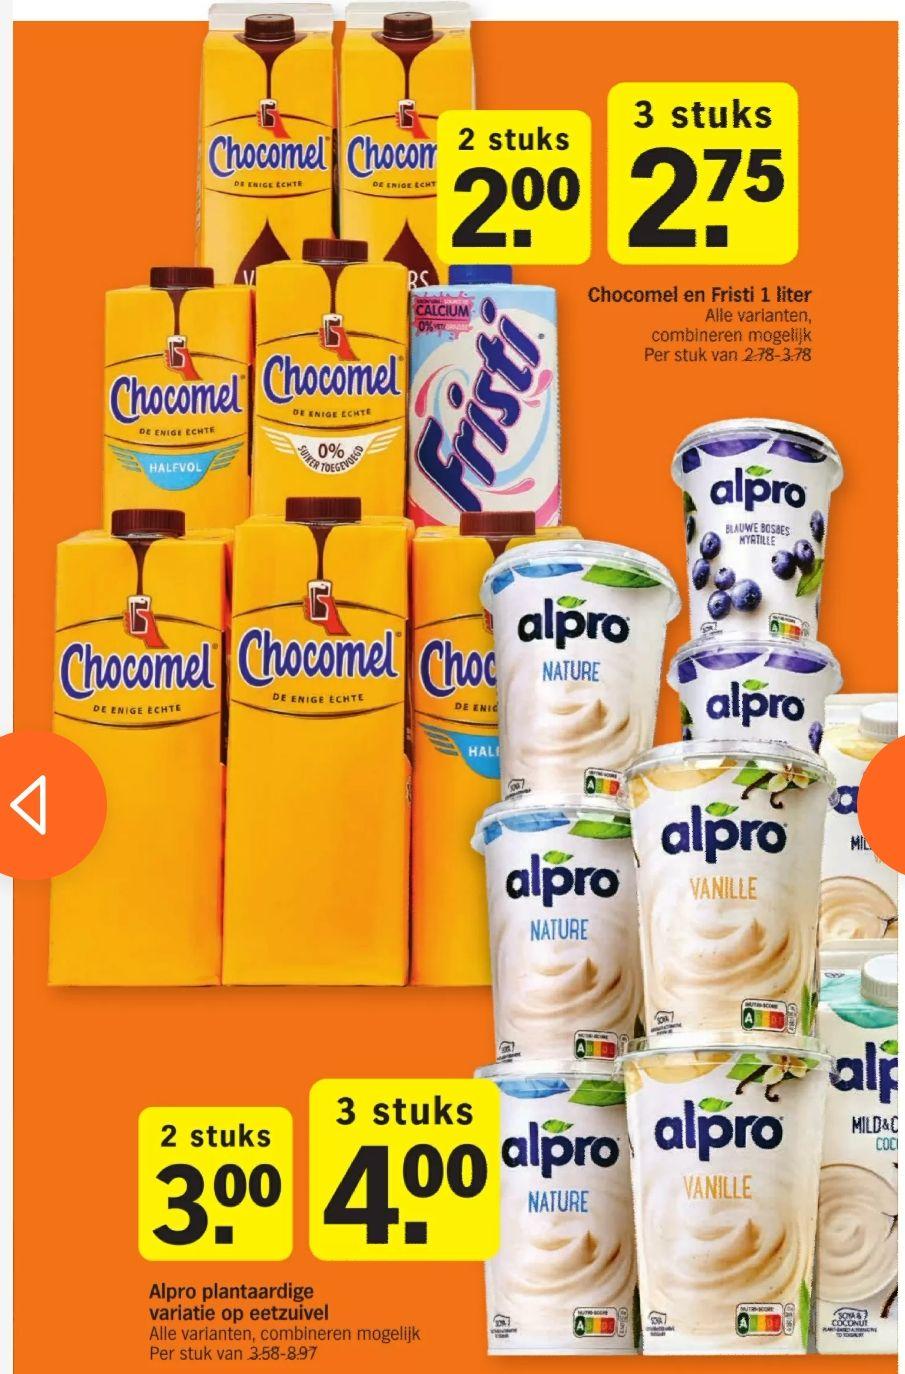 [Albert Heijn NL] Chocomel und alpro Joghurt